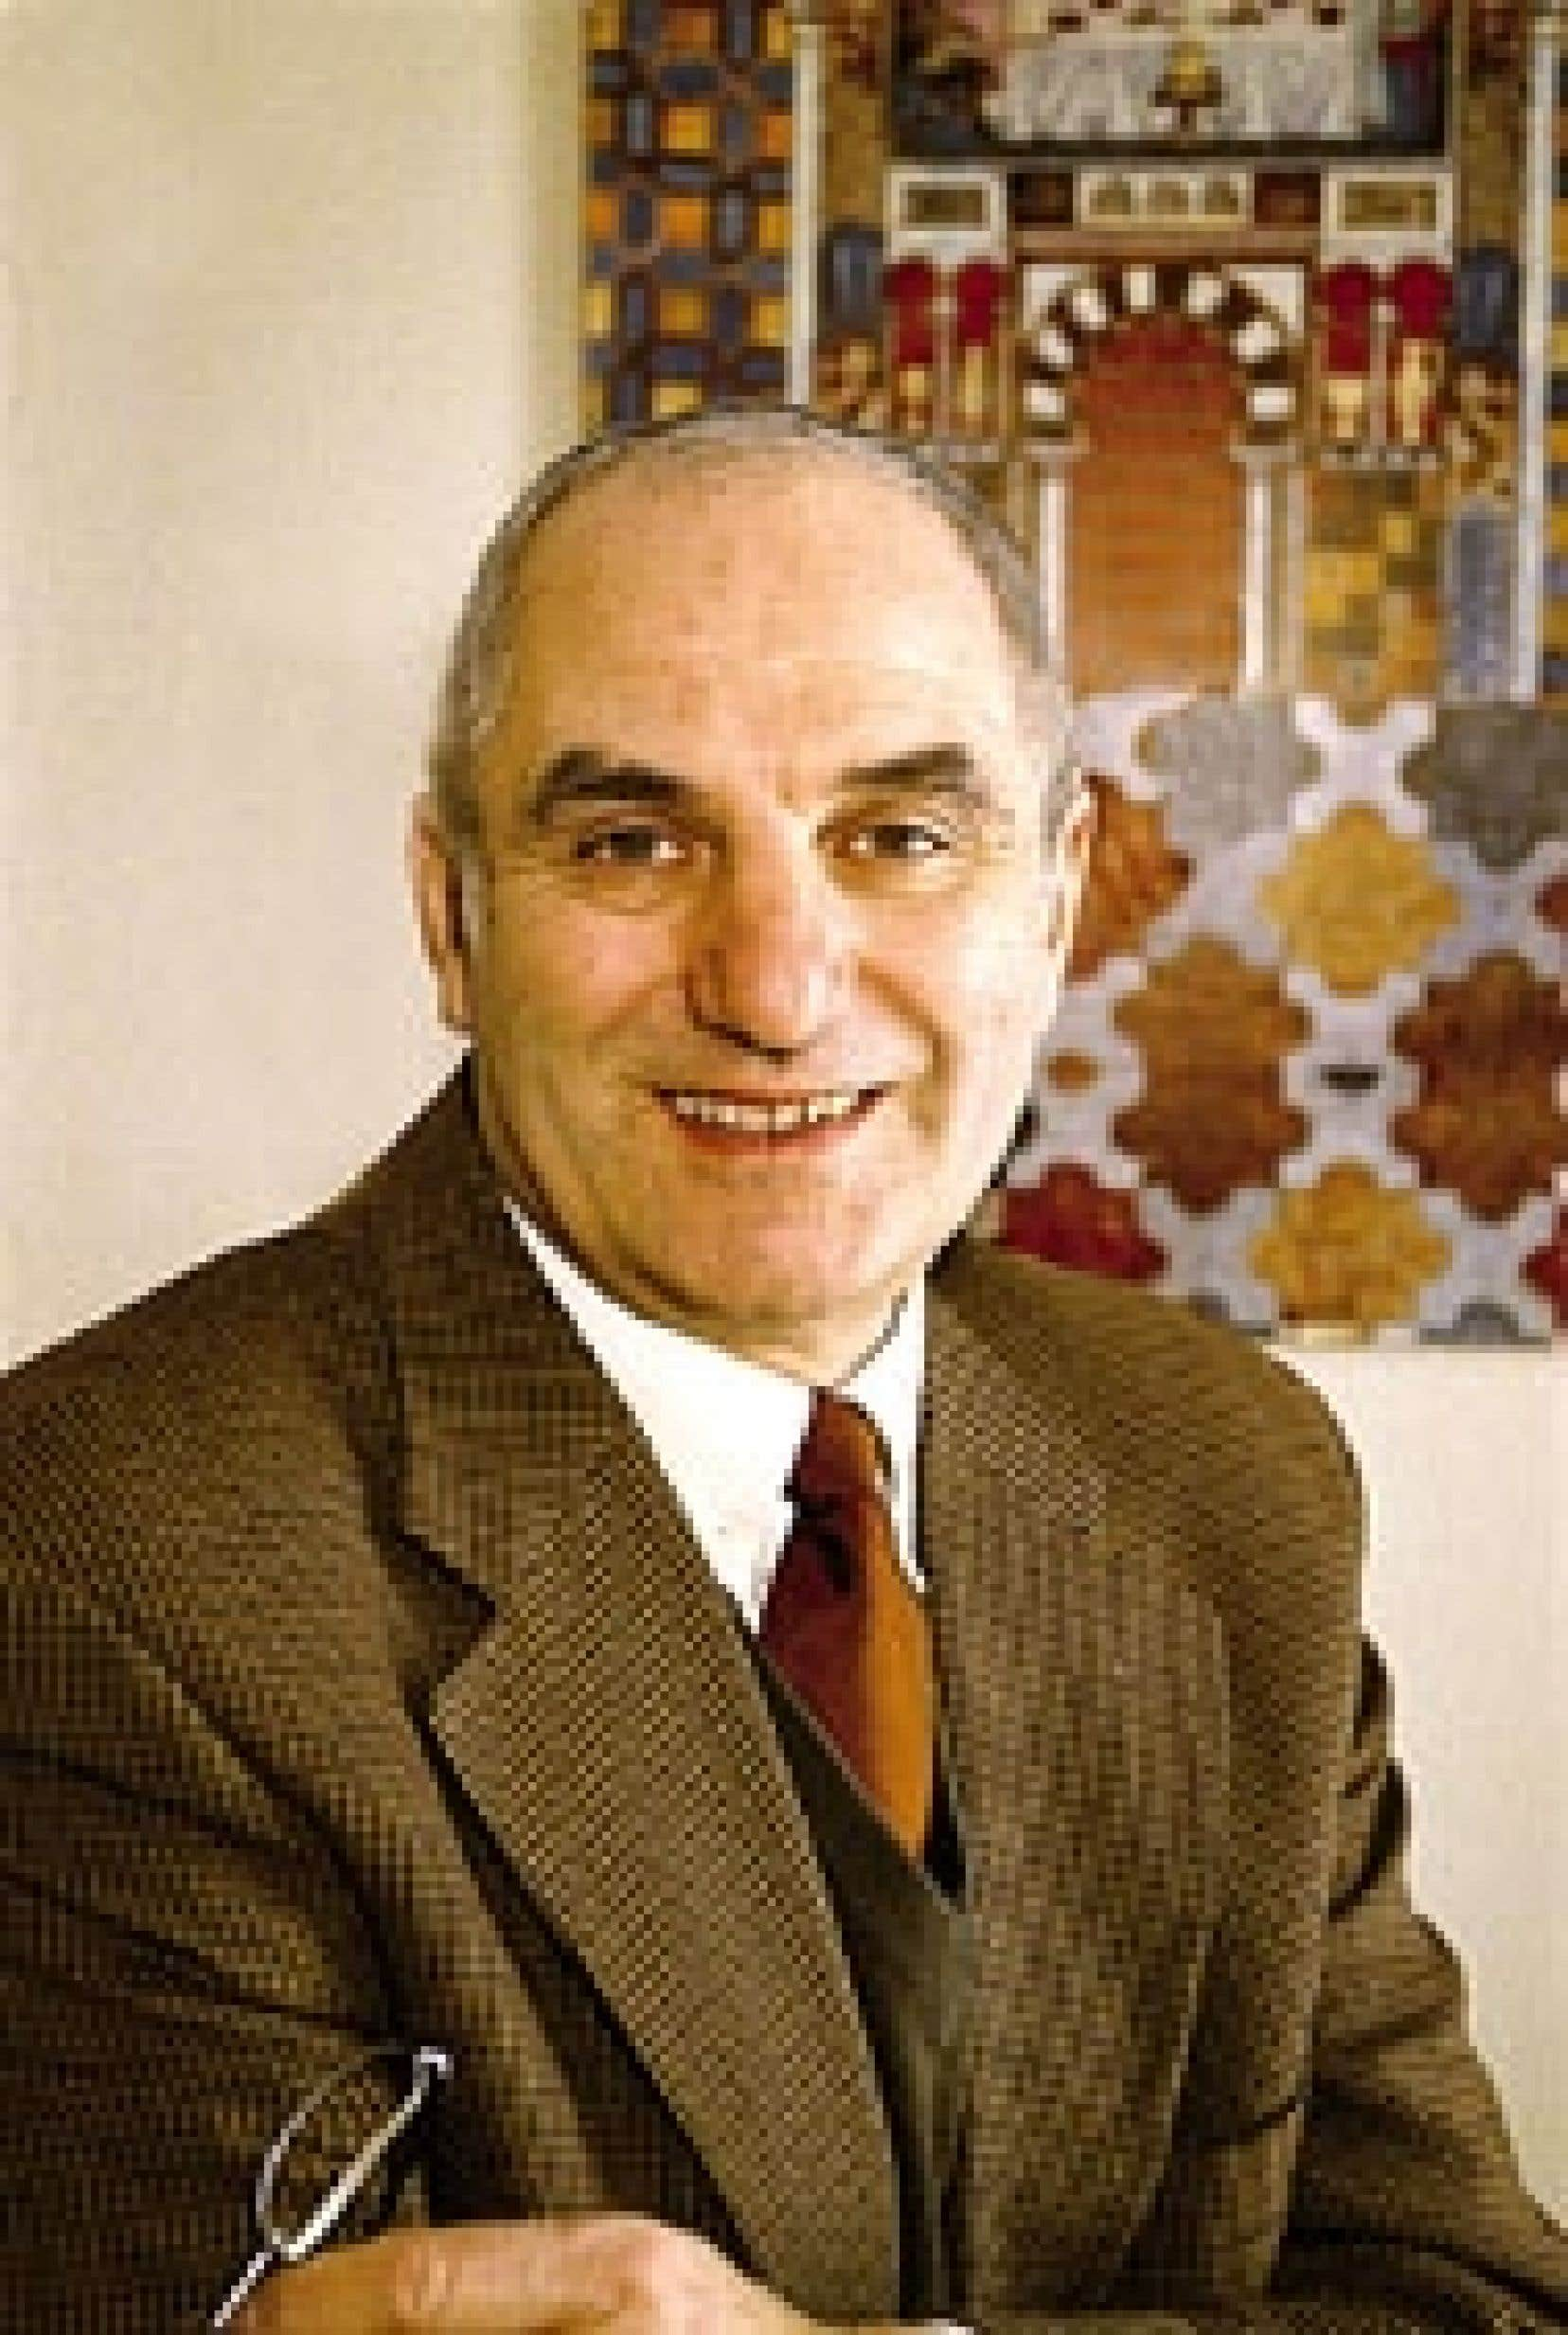 Yakov M. Rabkin